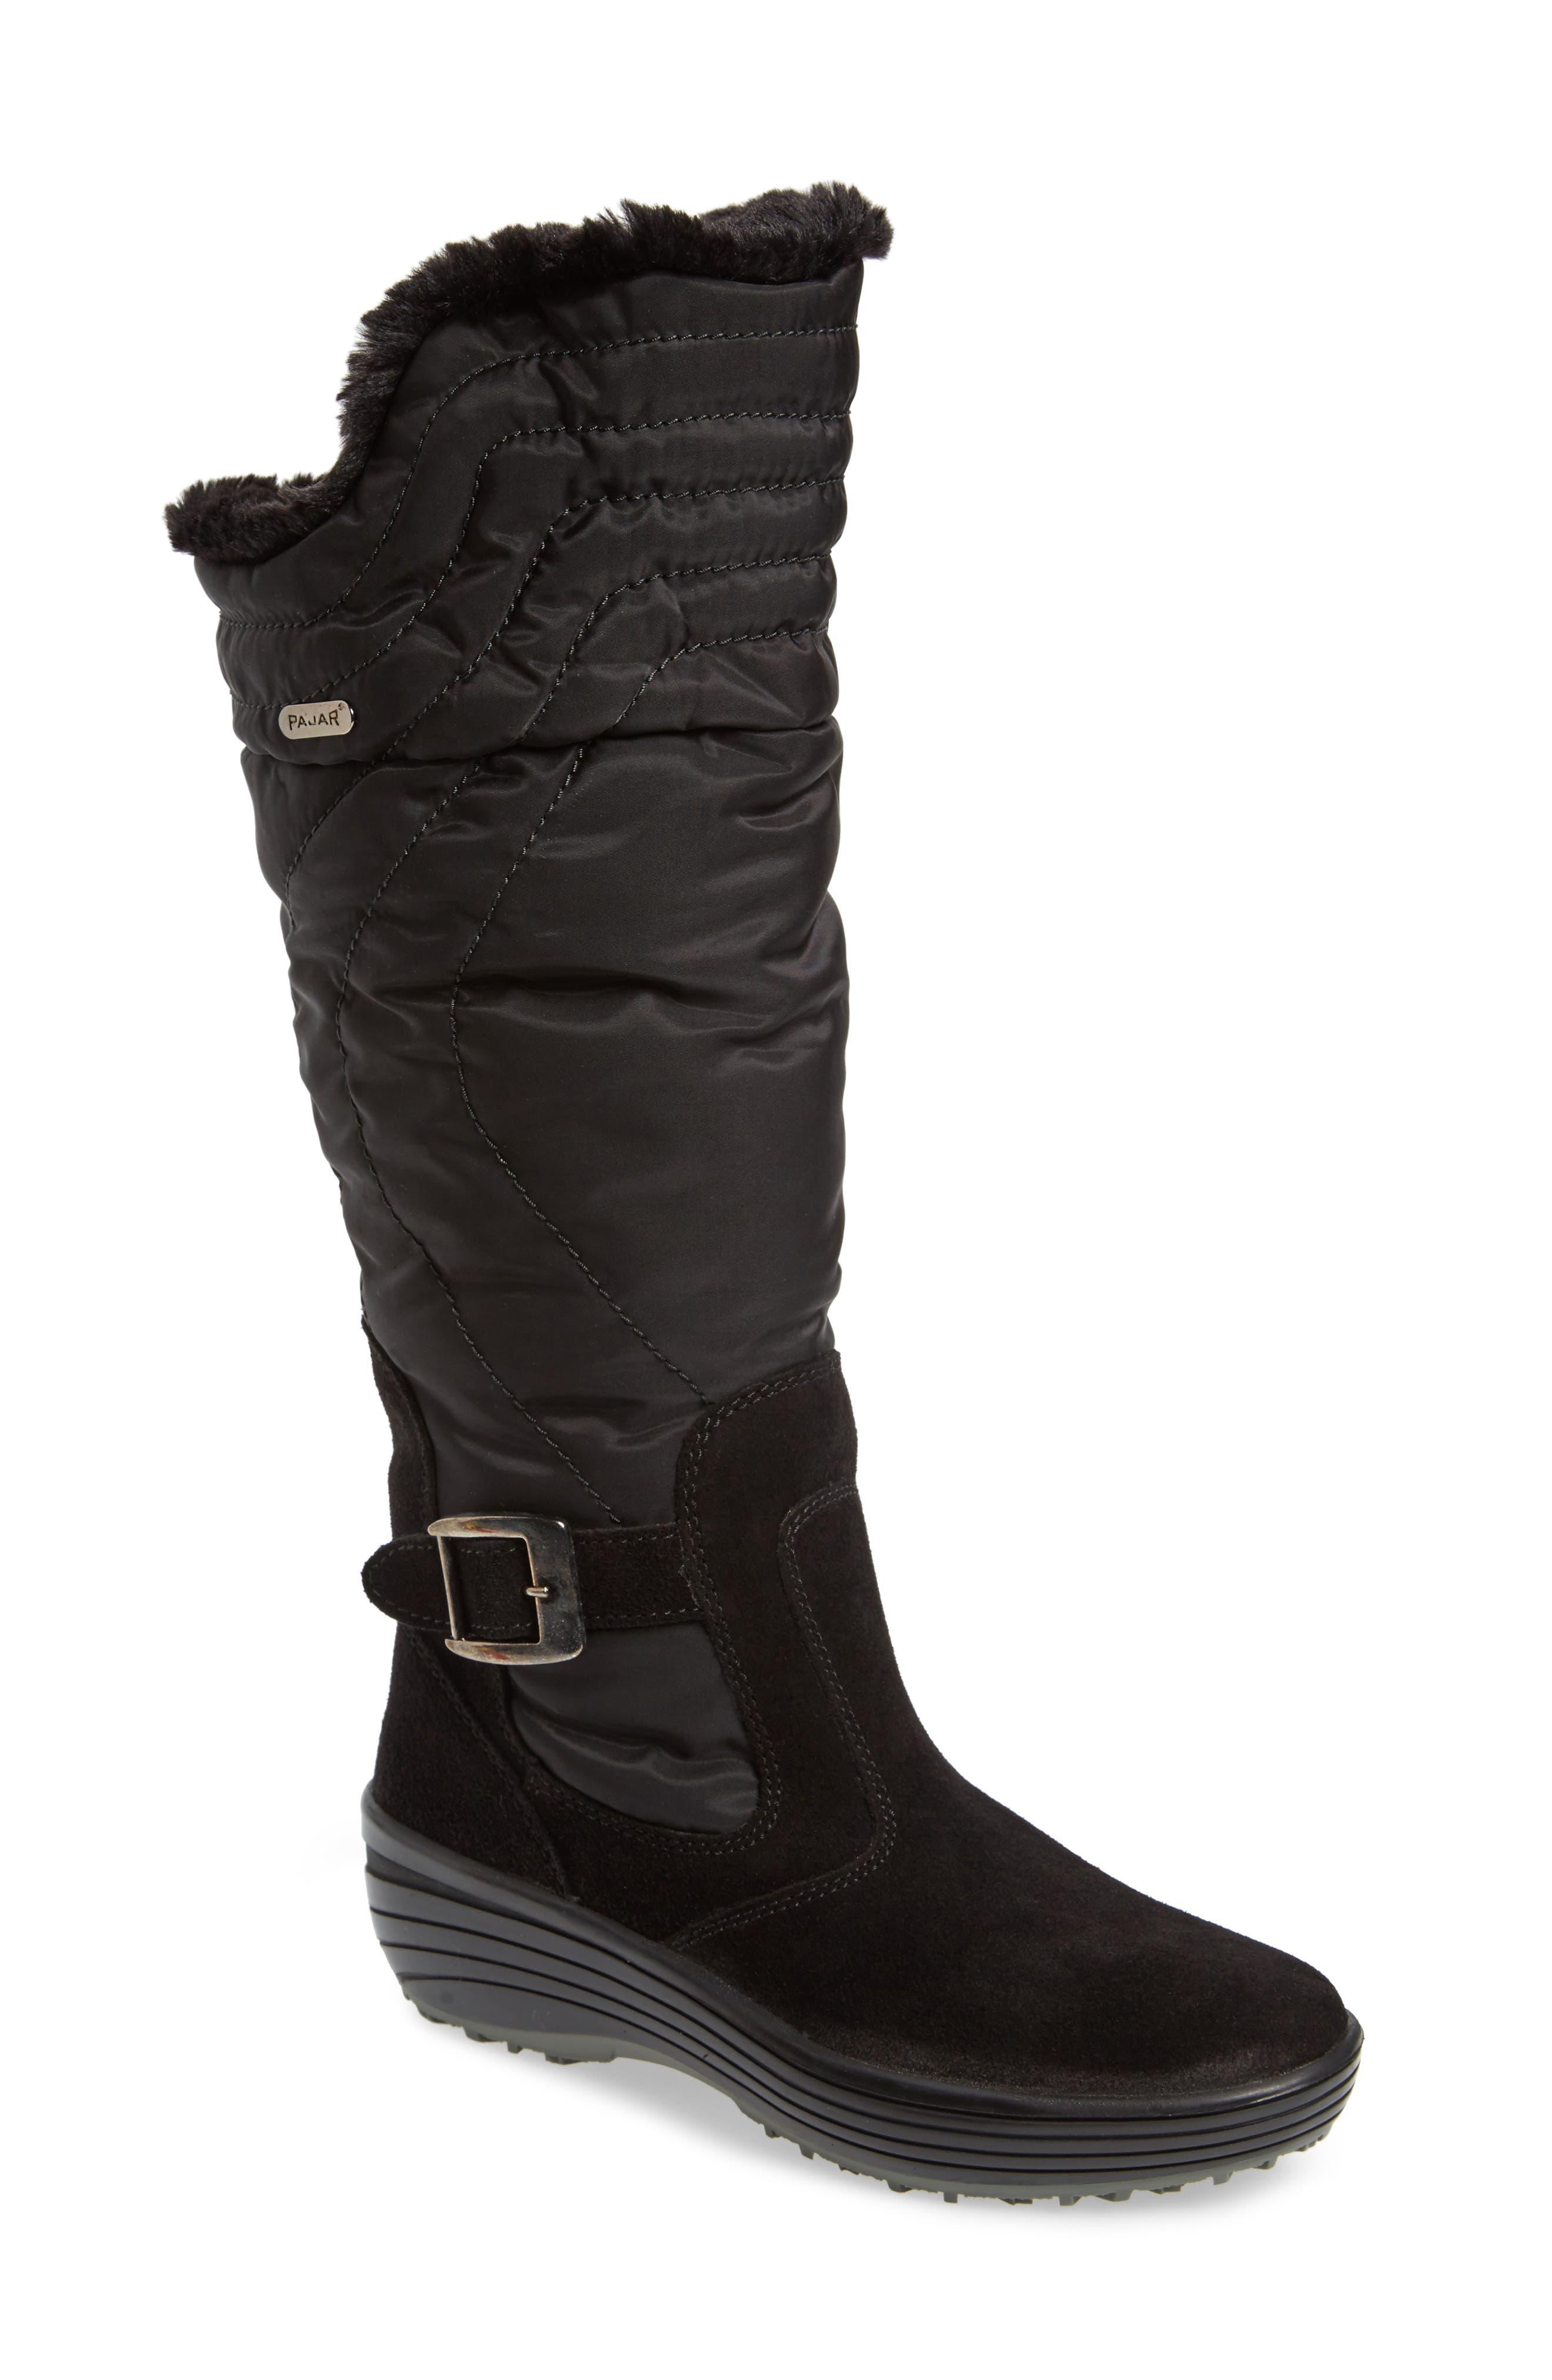 Alternate Image 1 Selected - Pajar Natasha Faux Fur Lined Waterproof Boot